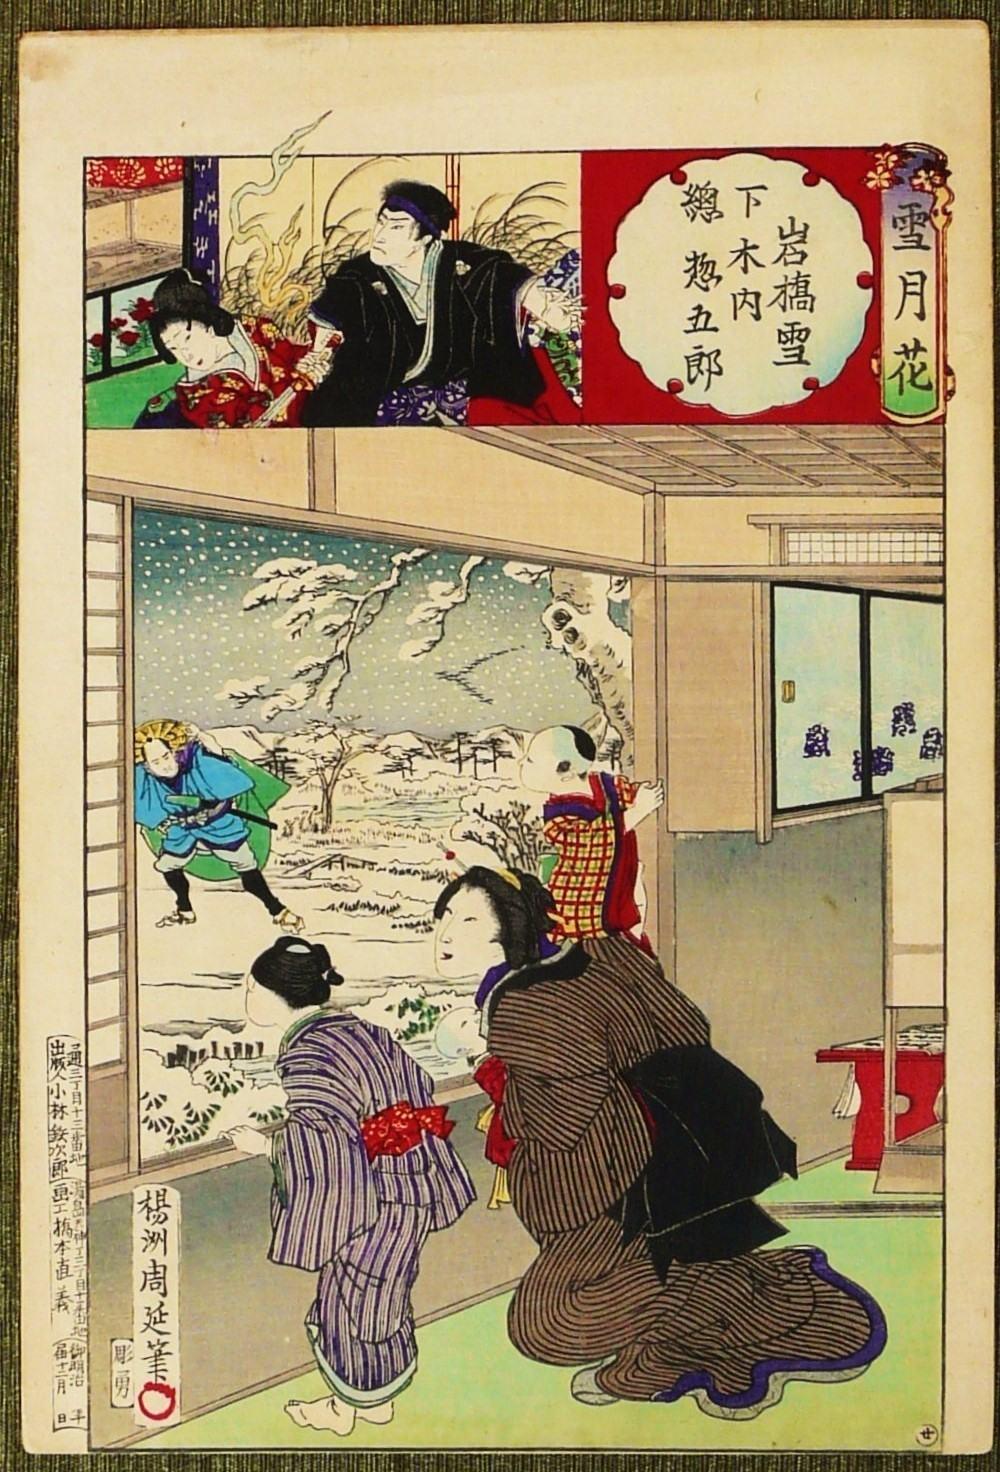 HASHIMOTO CHIKANOBU: #P4324 SHIMOUSA, SNOW AT IWAHASHI (1884-1886)